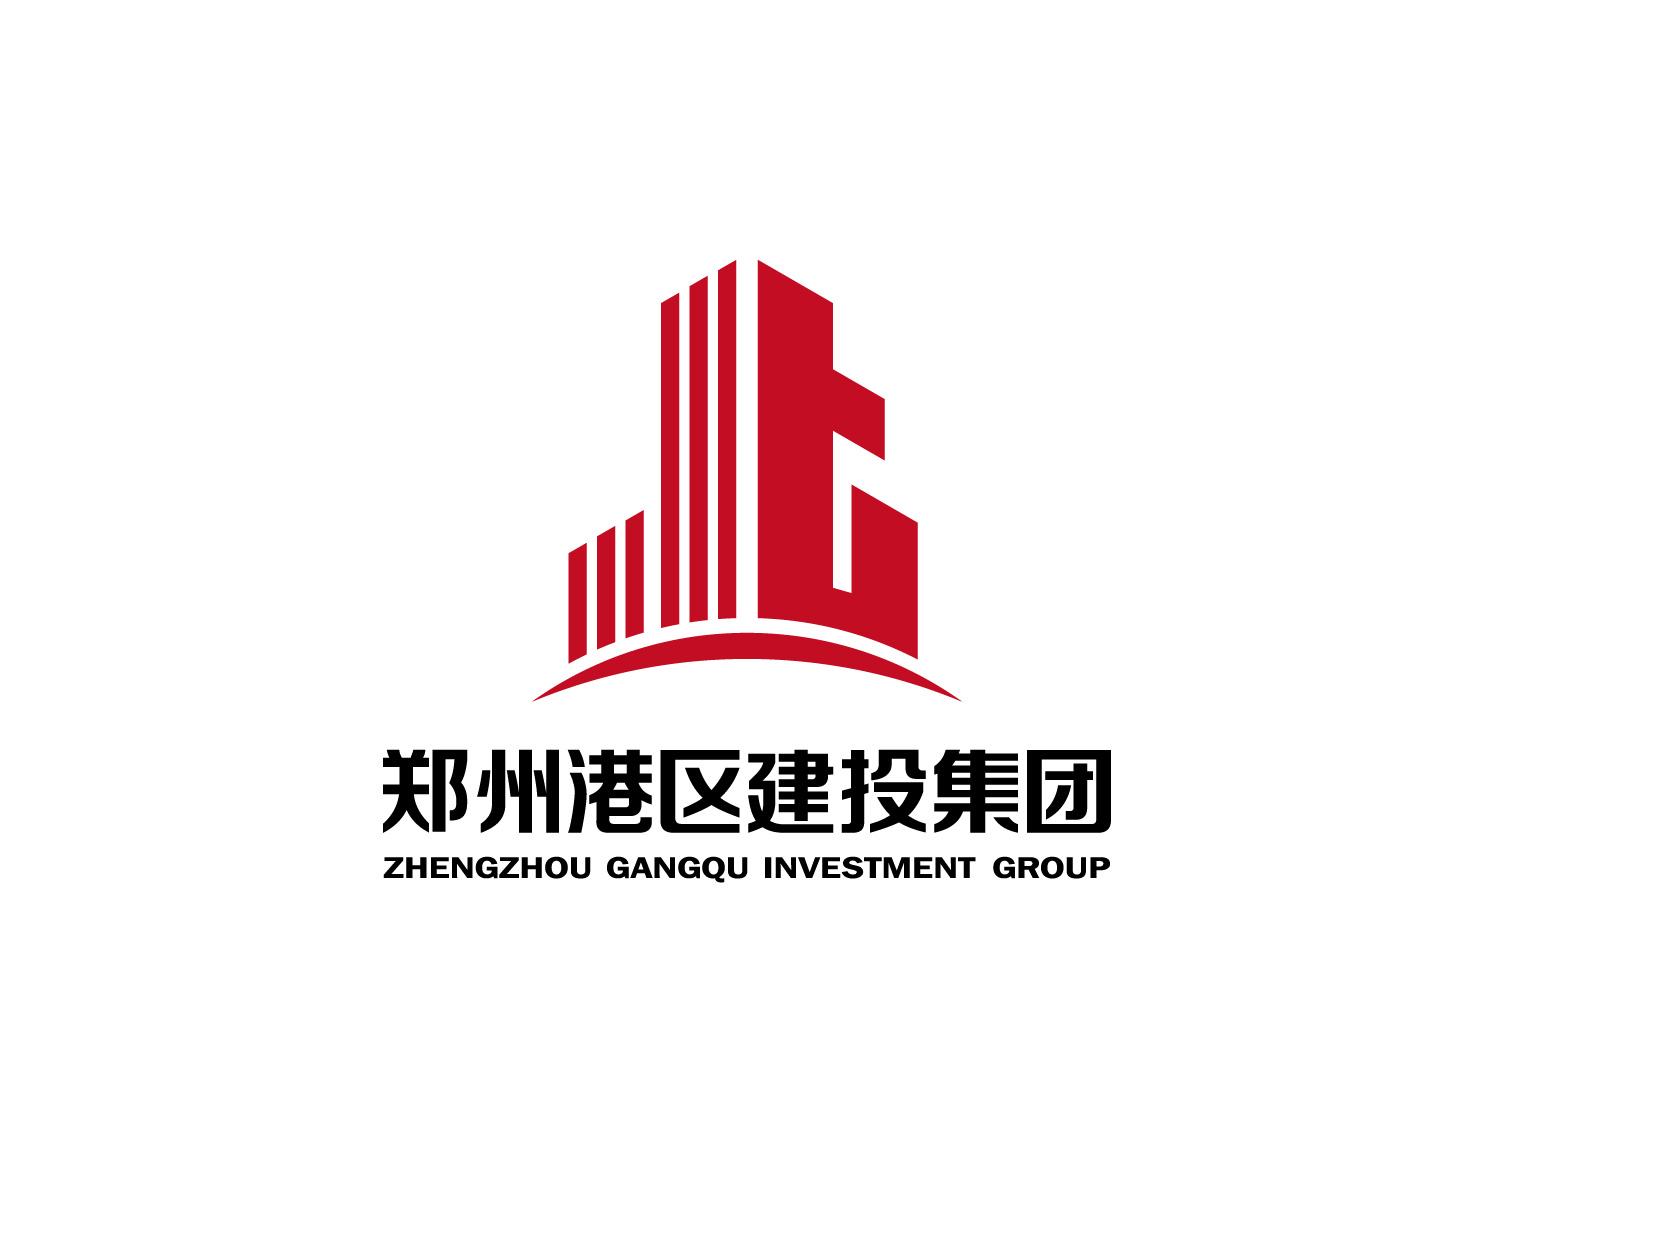 郑州标志-666logo